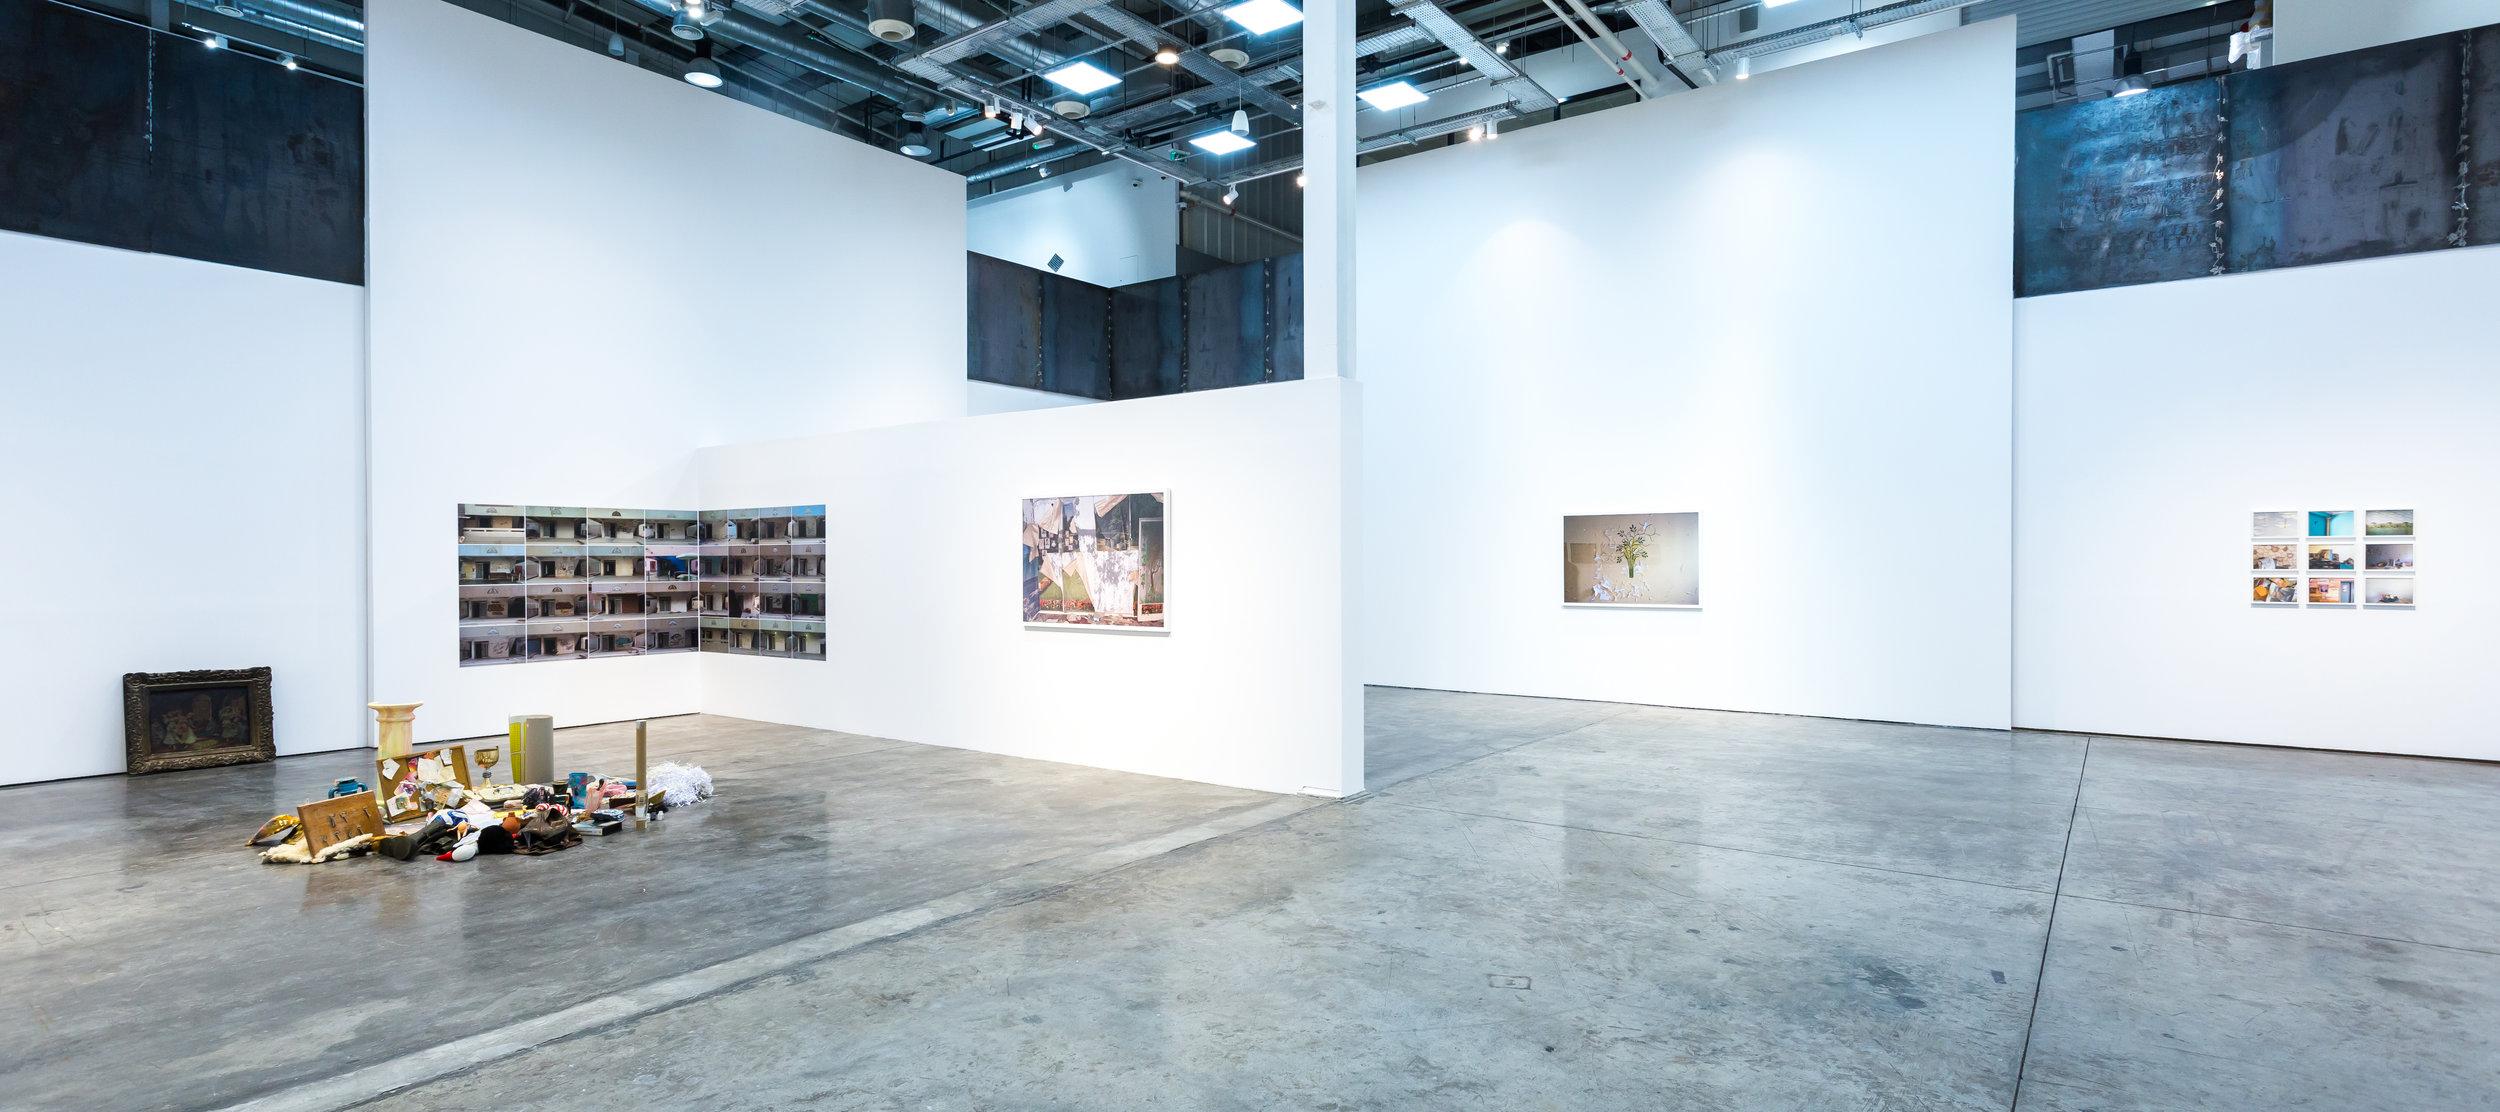 Tarek Al-Ghoussein_Al Sawaber_2017_The Third Line_Installation view_23.jpg